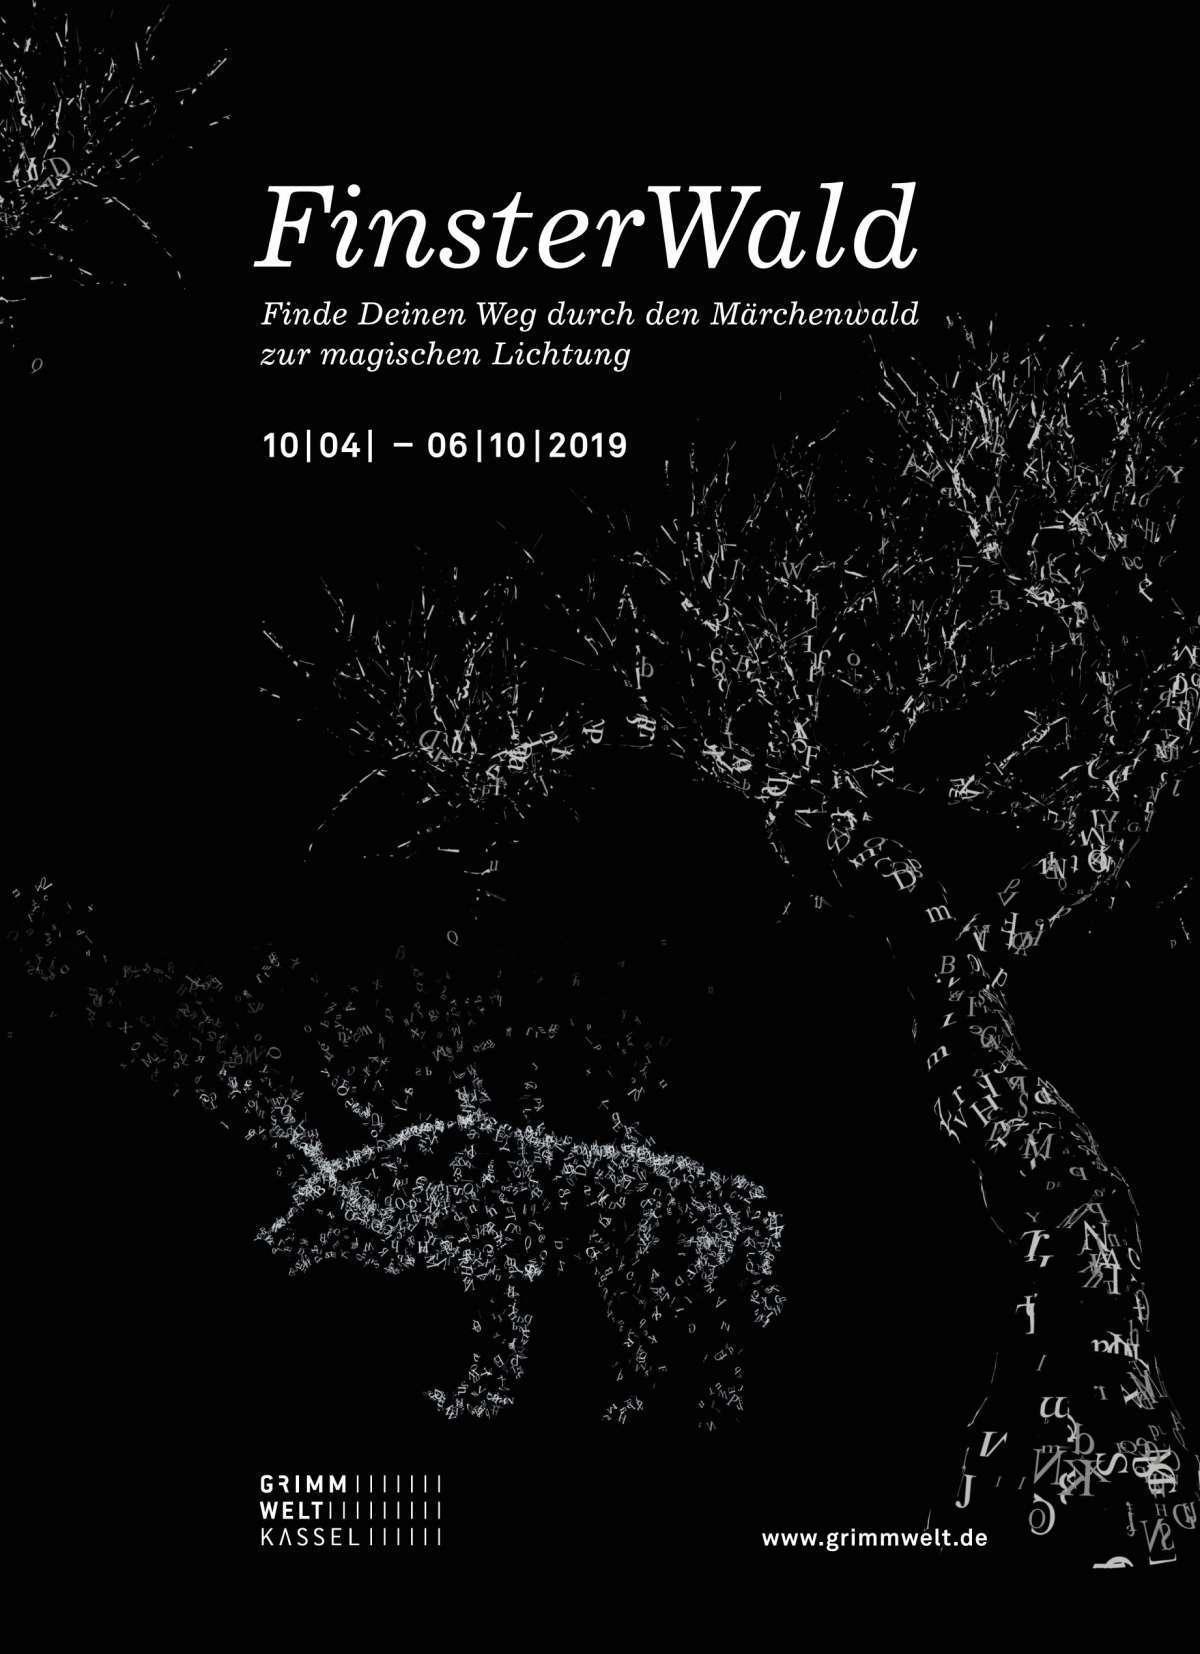 Veranstaltungen & Events am »Dienstag, 17. September 2019« in deiner Nähe...